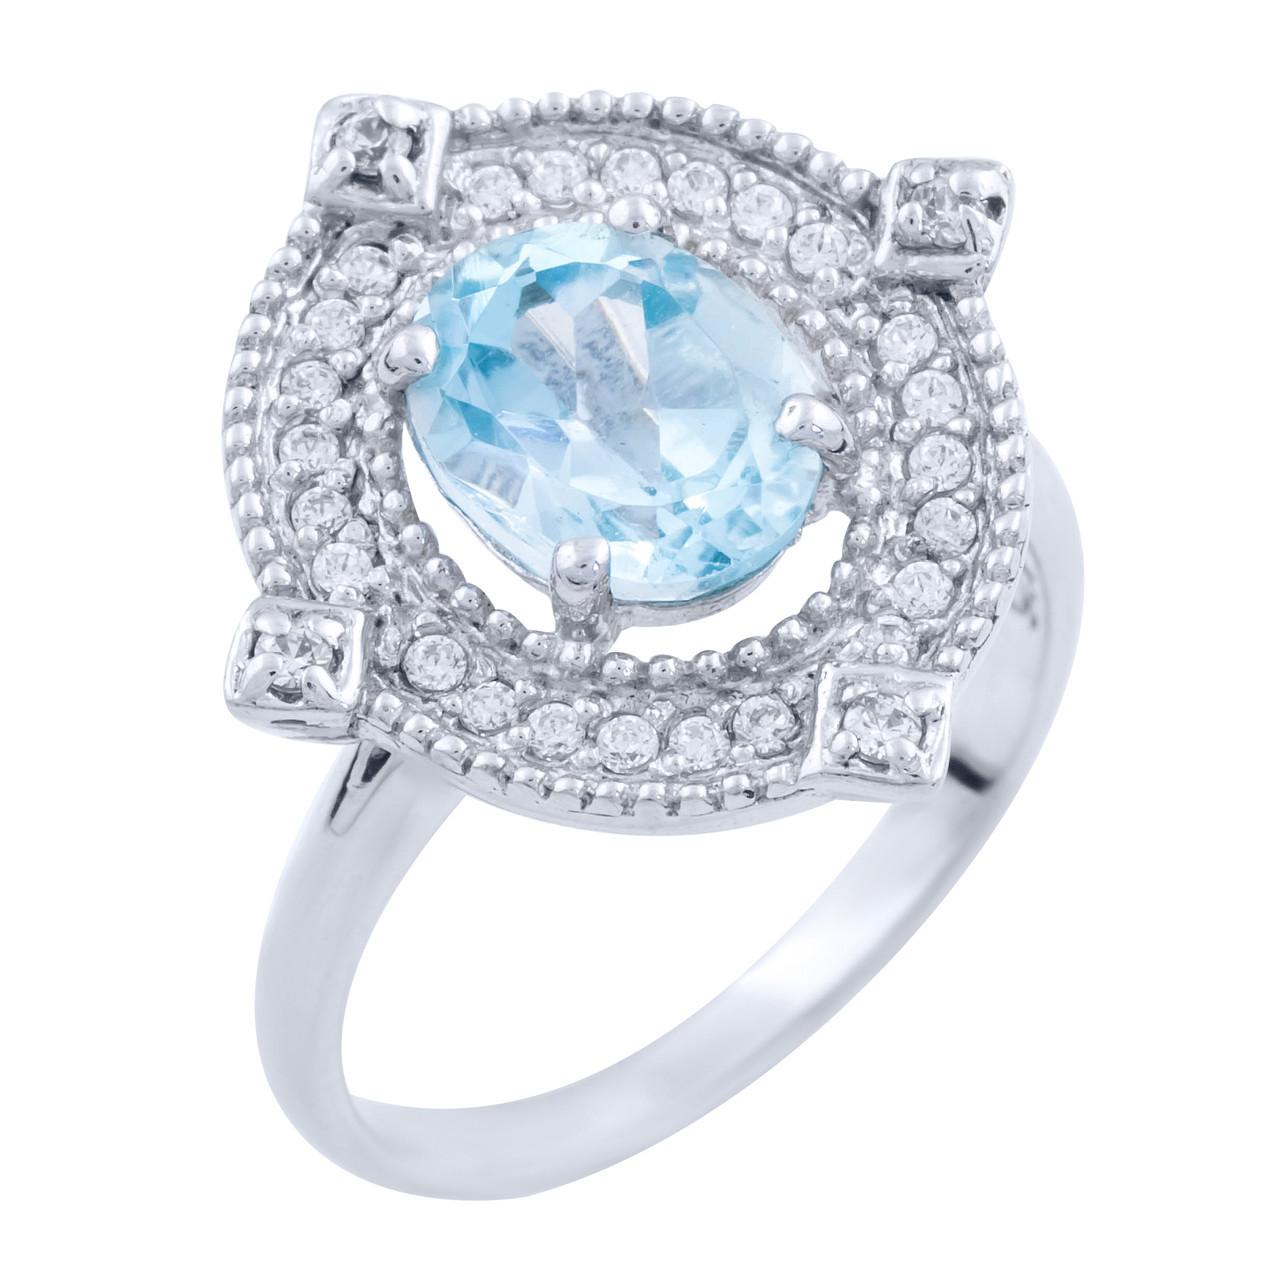 Родированное серебряное кольцо 925 пробы с натуральным топазом